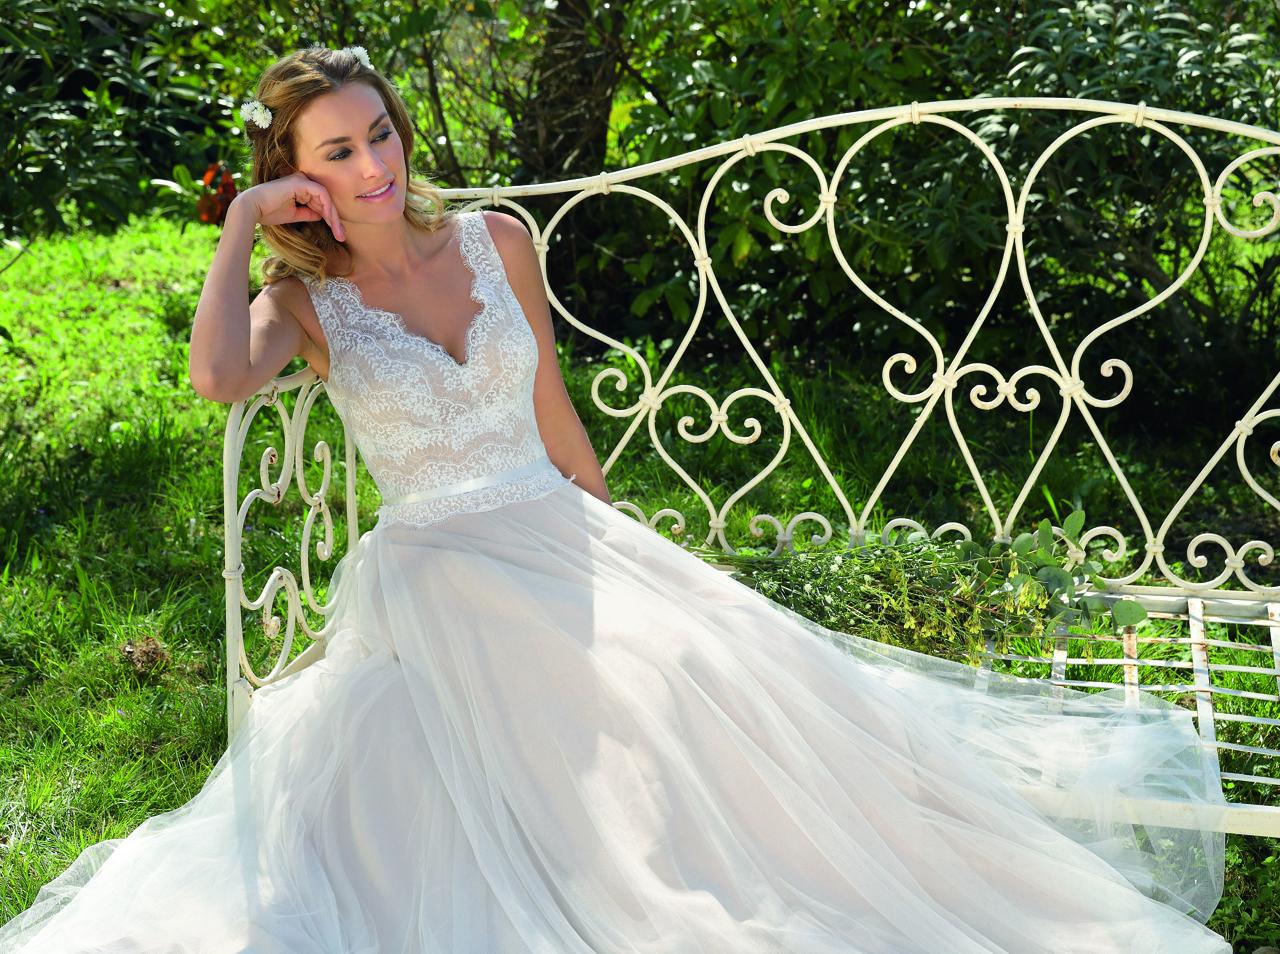 Brautkleid verleih zweibrucken